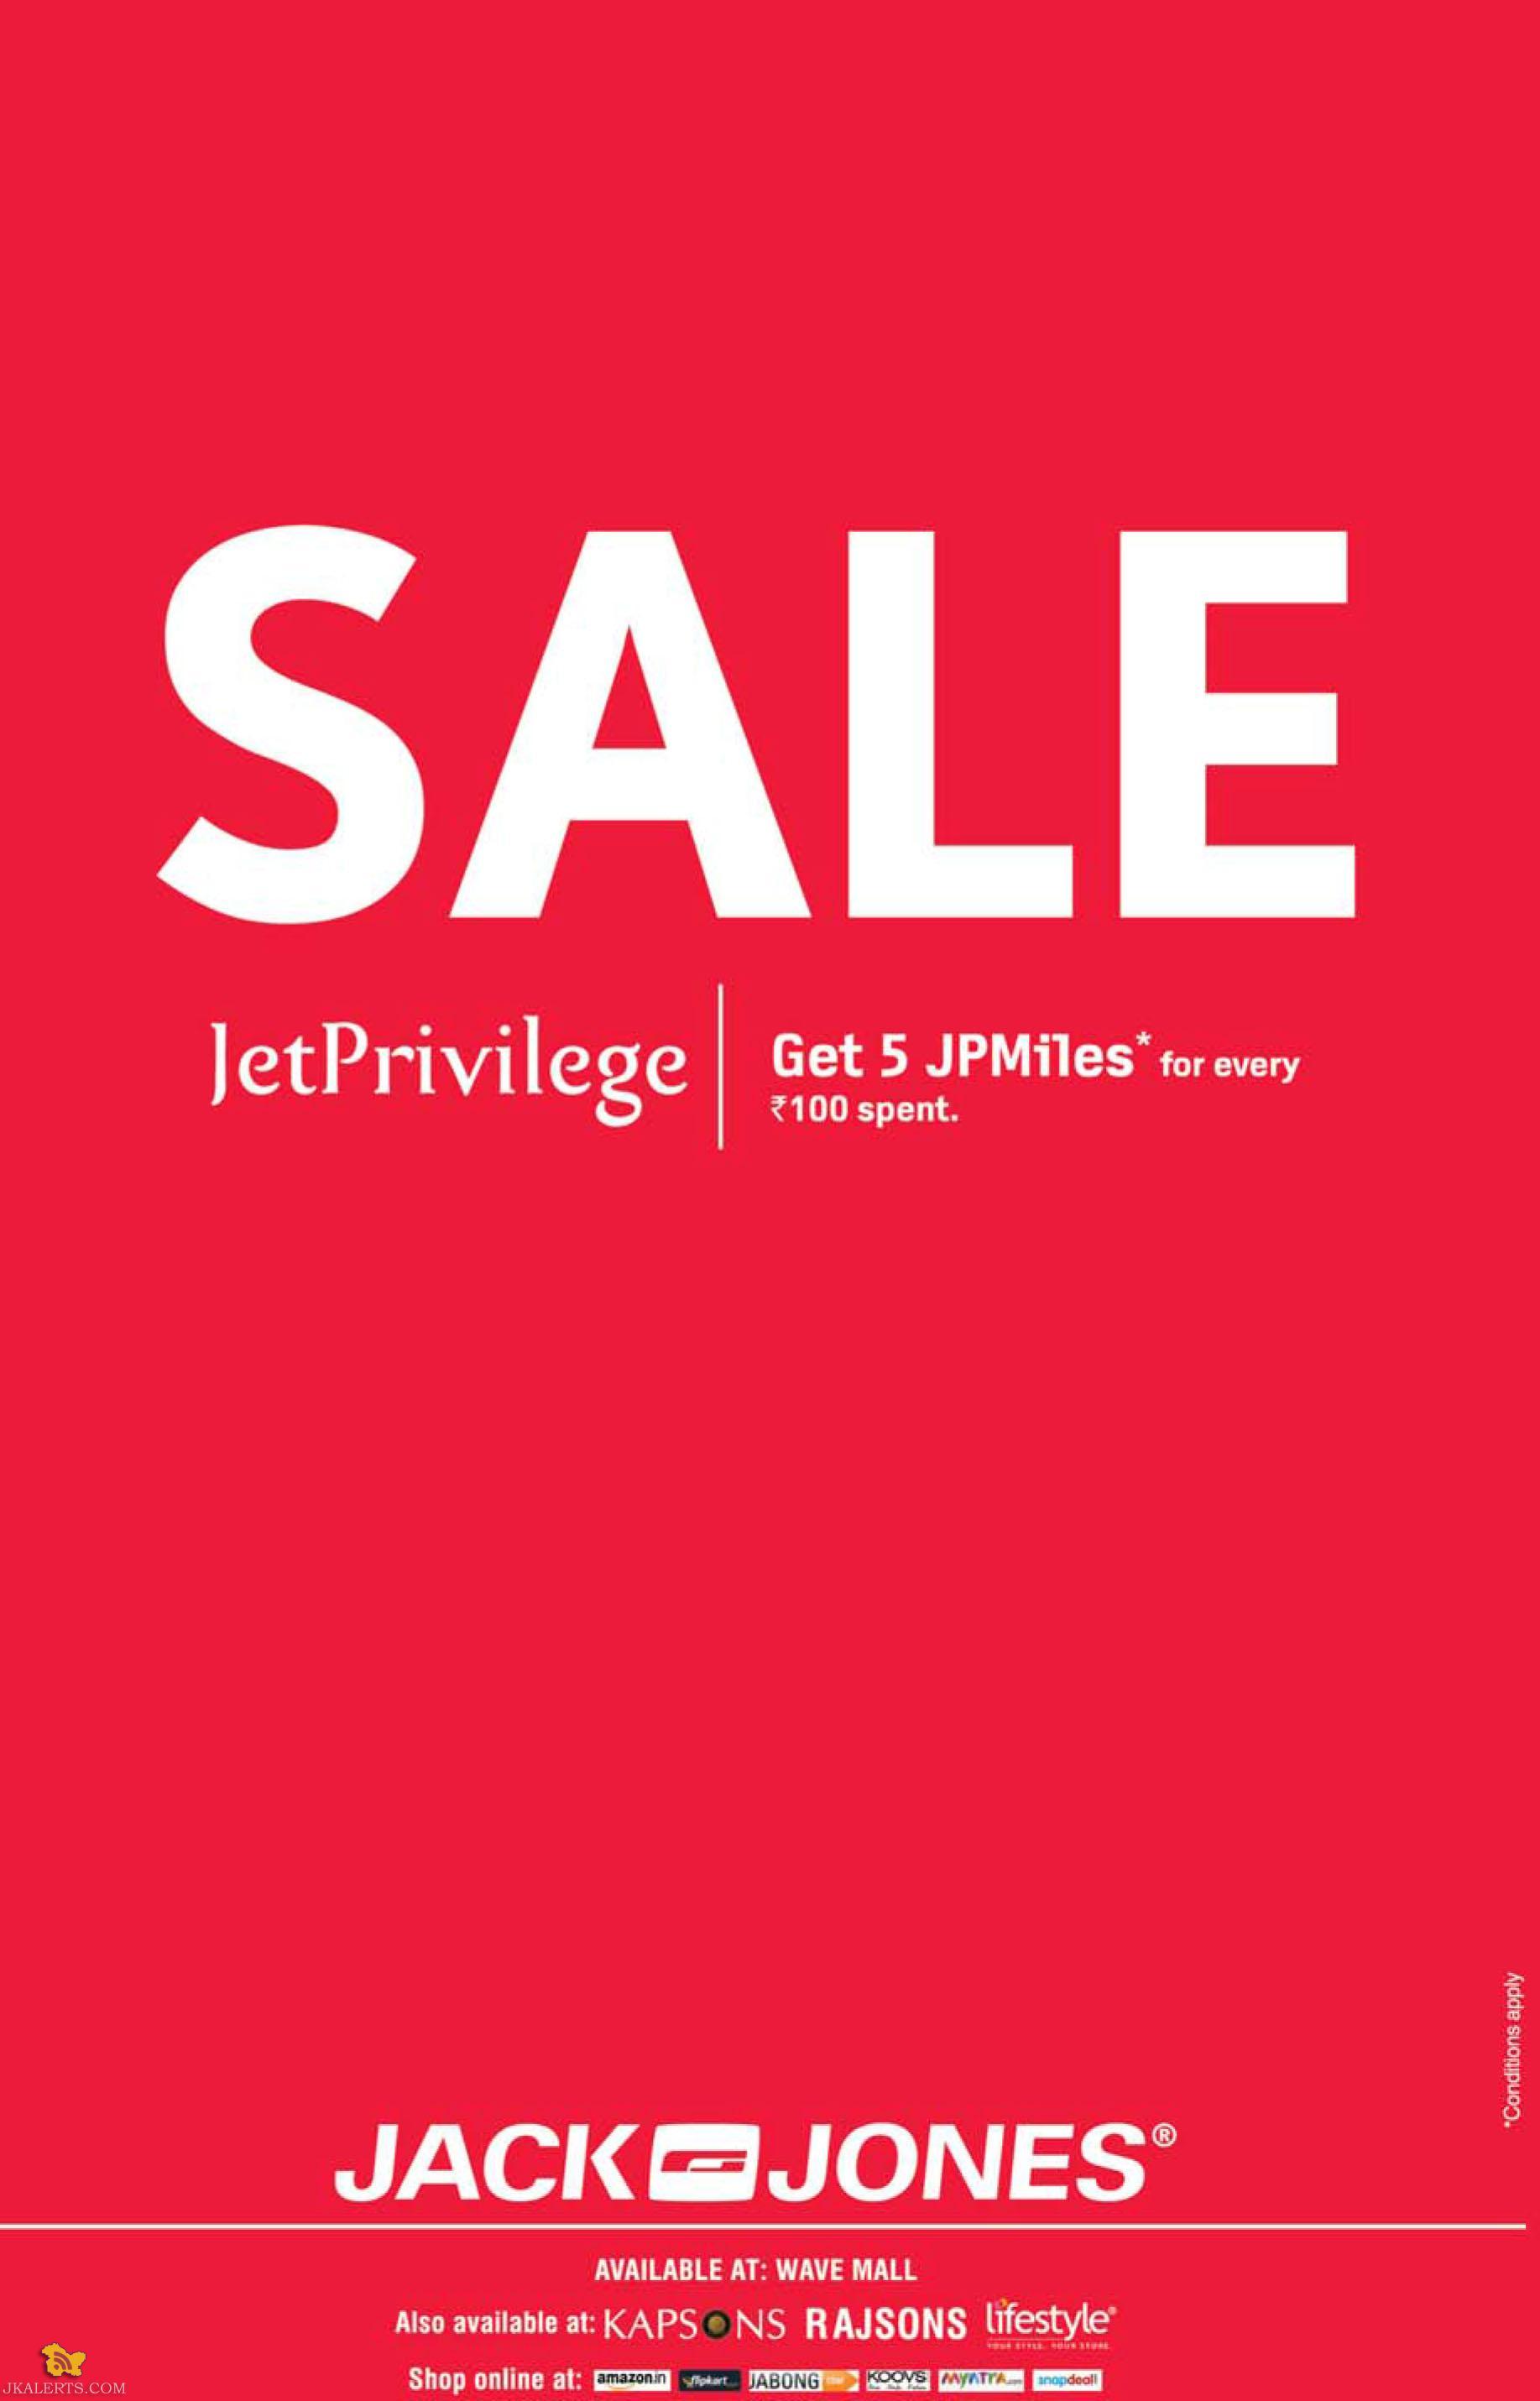 Sale on Jack and Jones